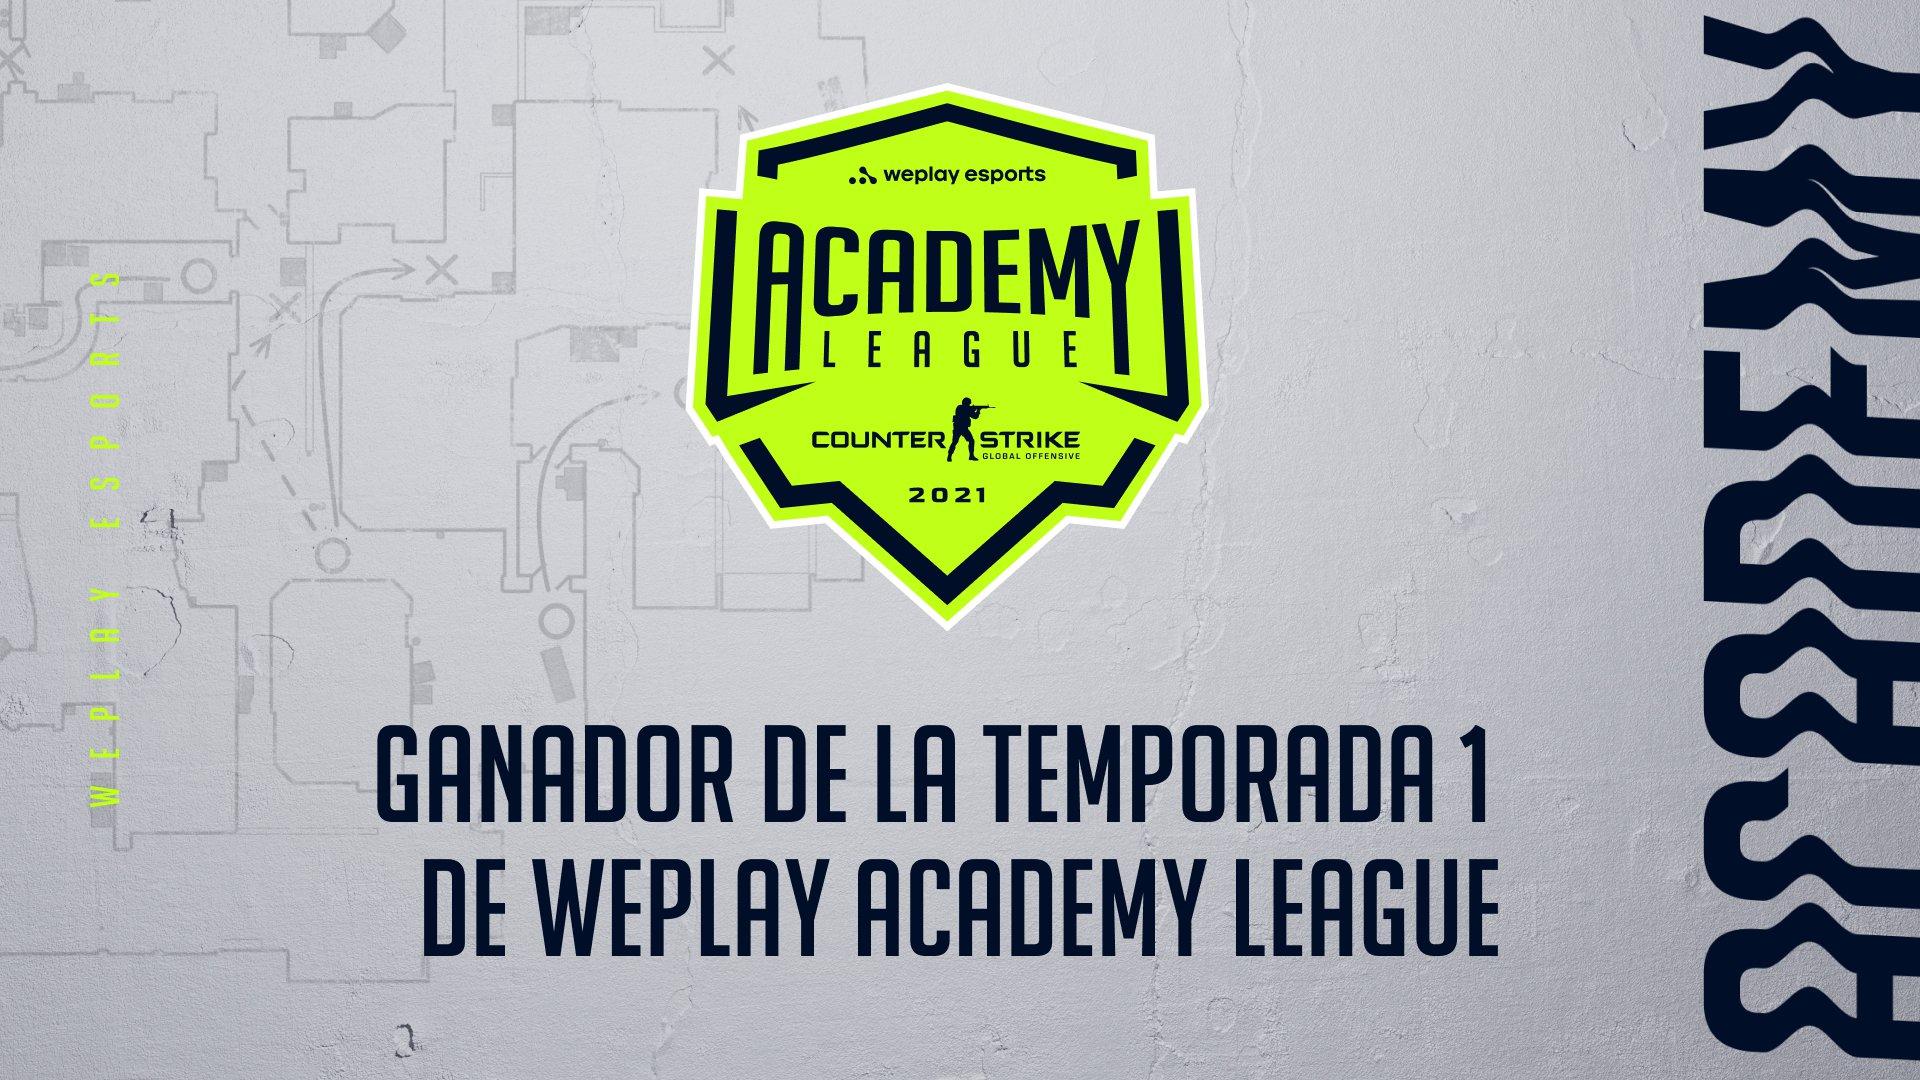 Los ganadores de la Temporada 1 de la liga WePlay Academy League. Imagen: WePlay Holding